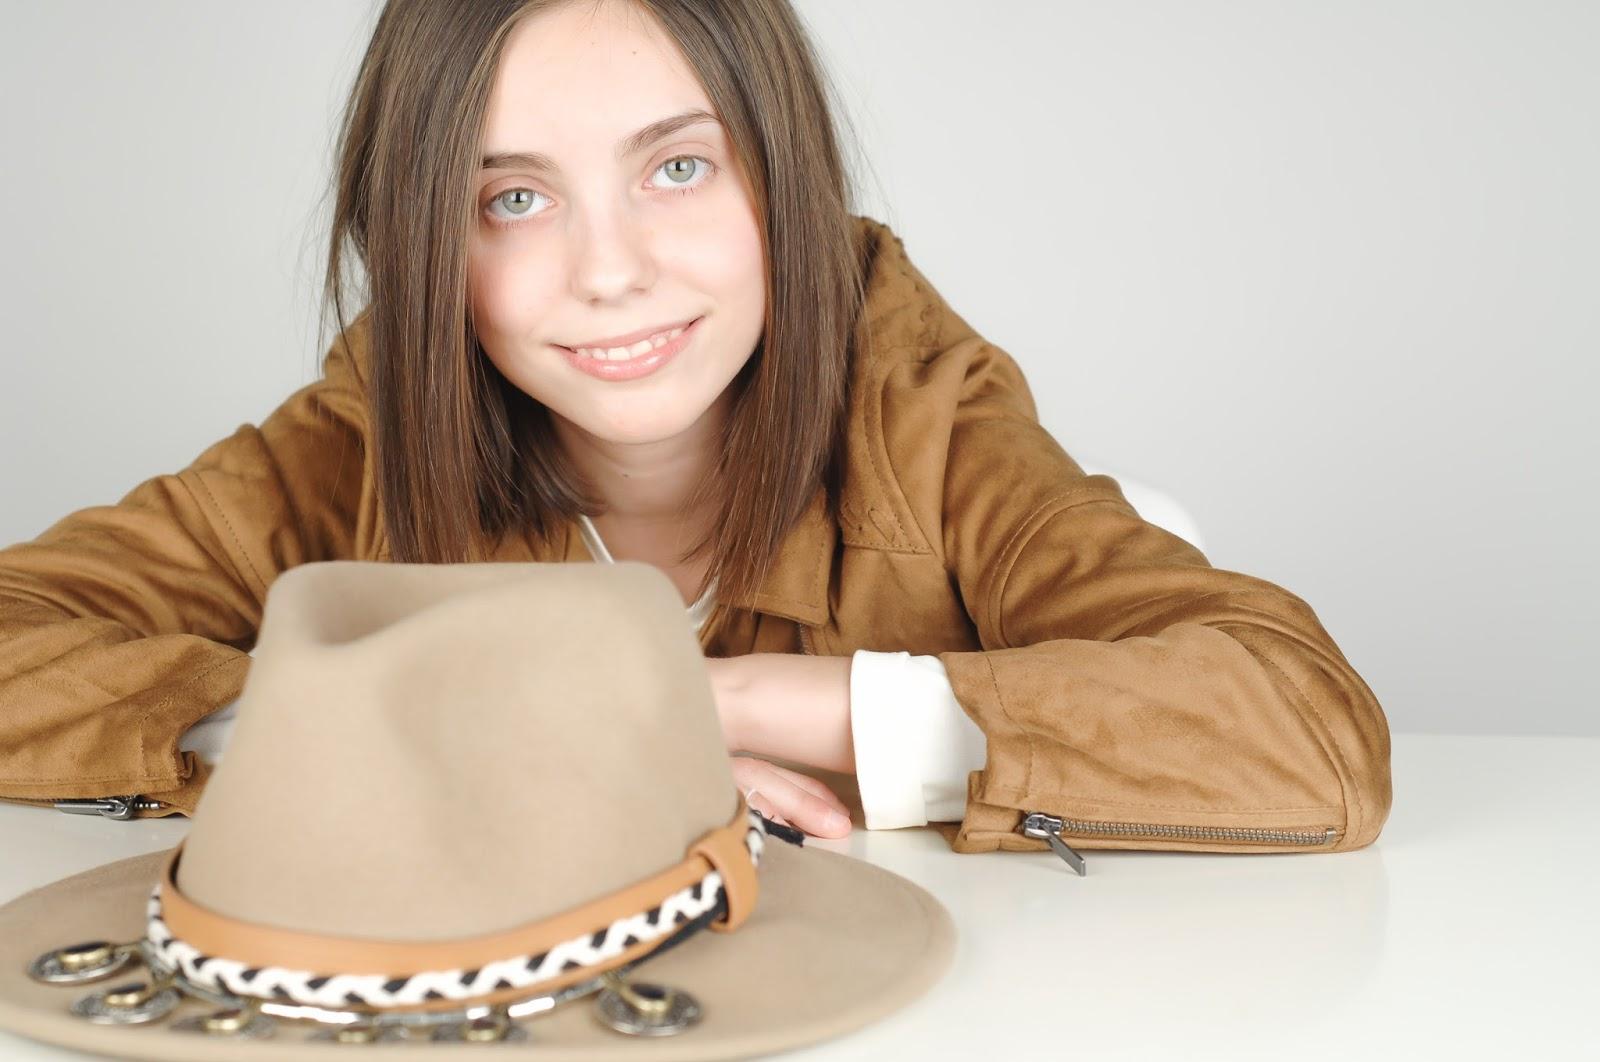 sombreo ala ancha, sombrero indiana, sombrero ante marrón, sombrero con adornos, zara, accesorios